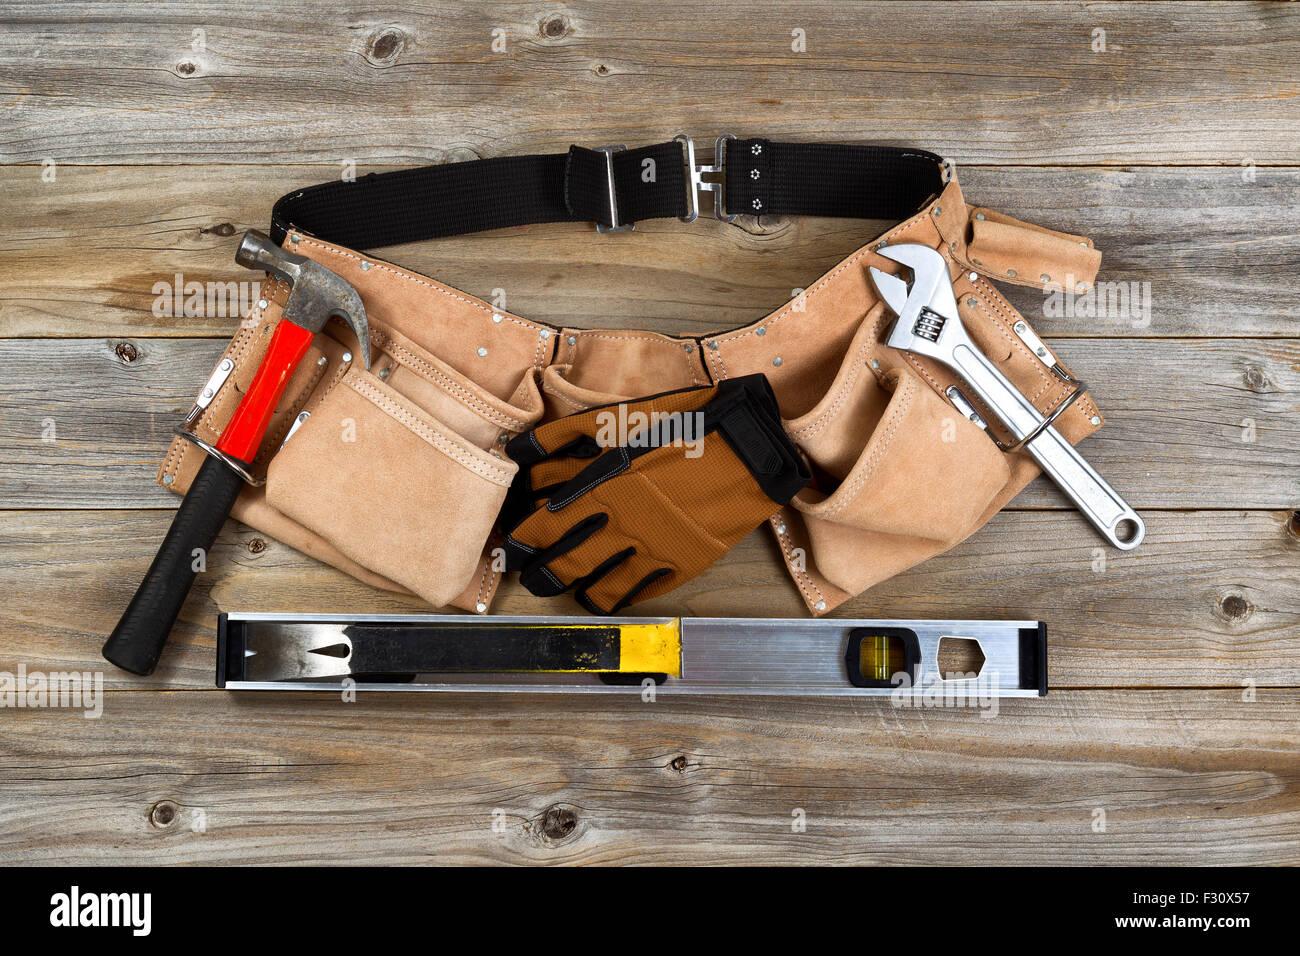 Cuero tradicional cinturón de herramientas con herramientas en suelo  rústico de madera. Imagen De Stock f066a6242987